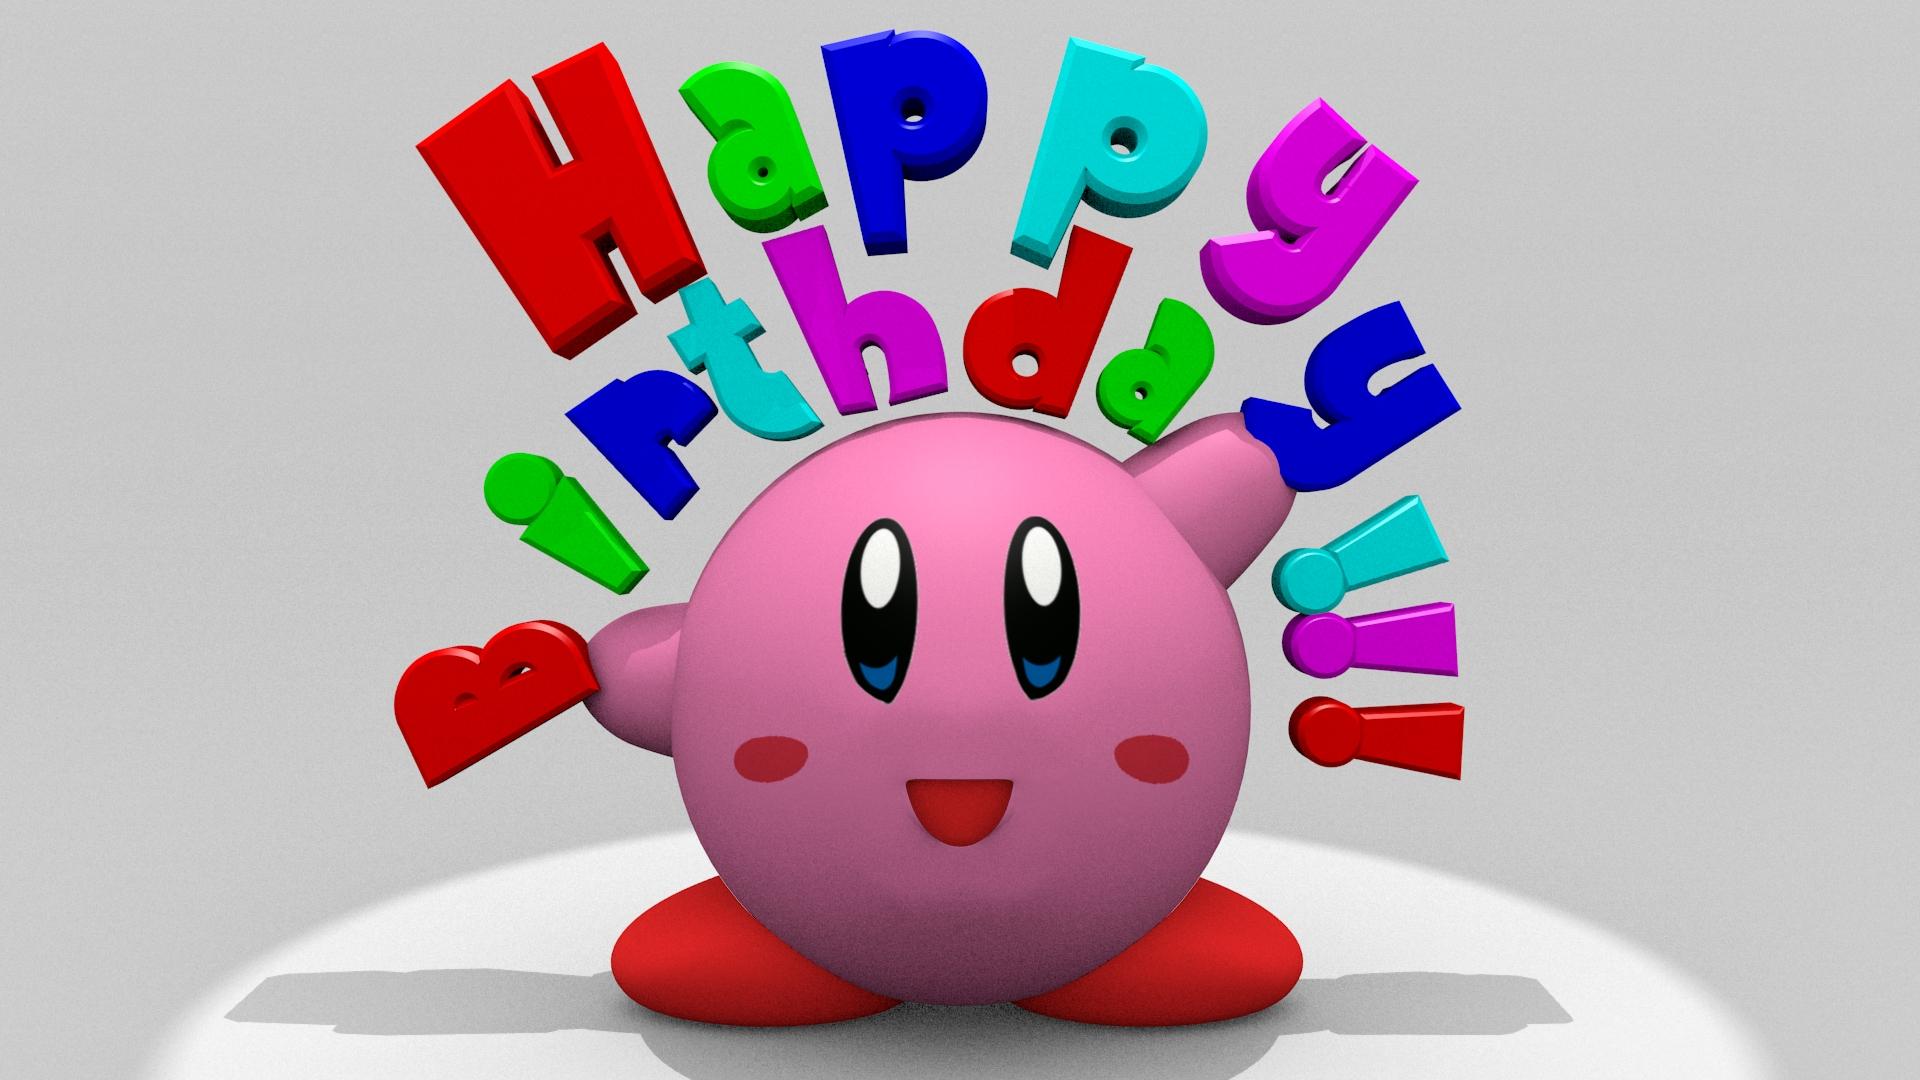 image kirby happy birth day kirby 32047541 1920 1080 jpg death